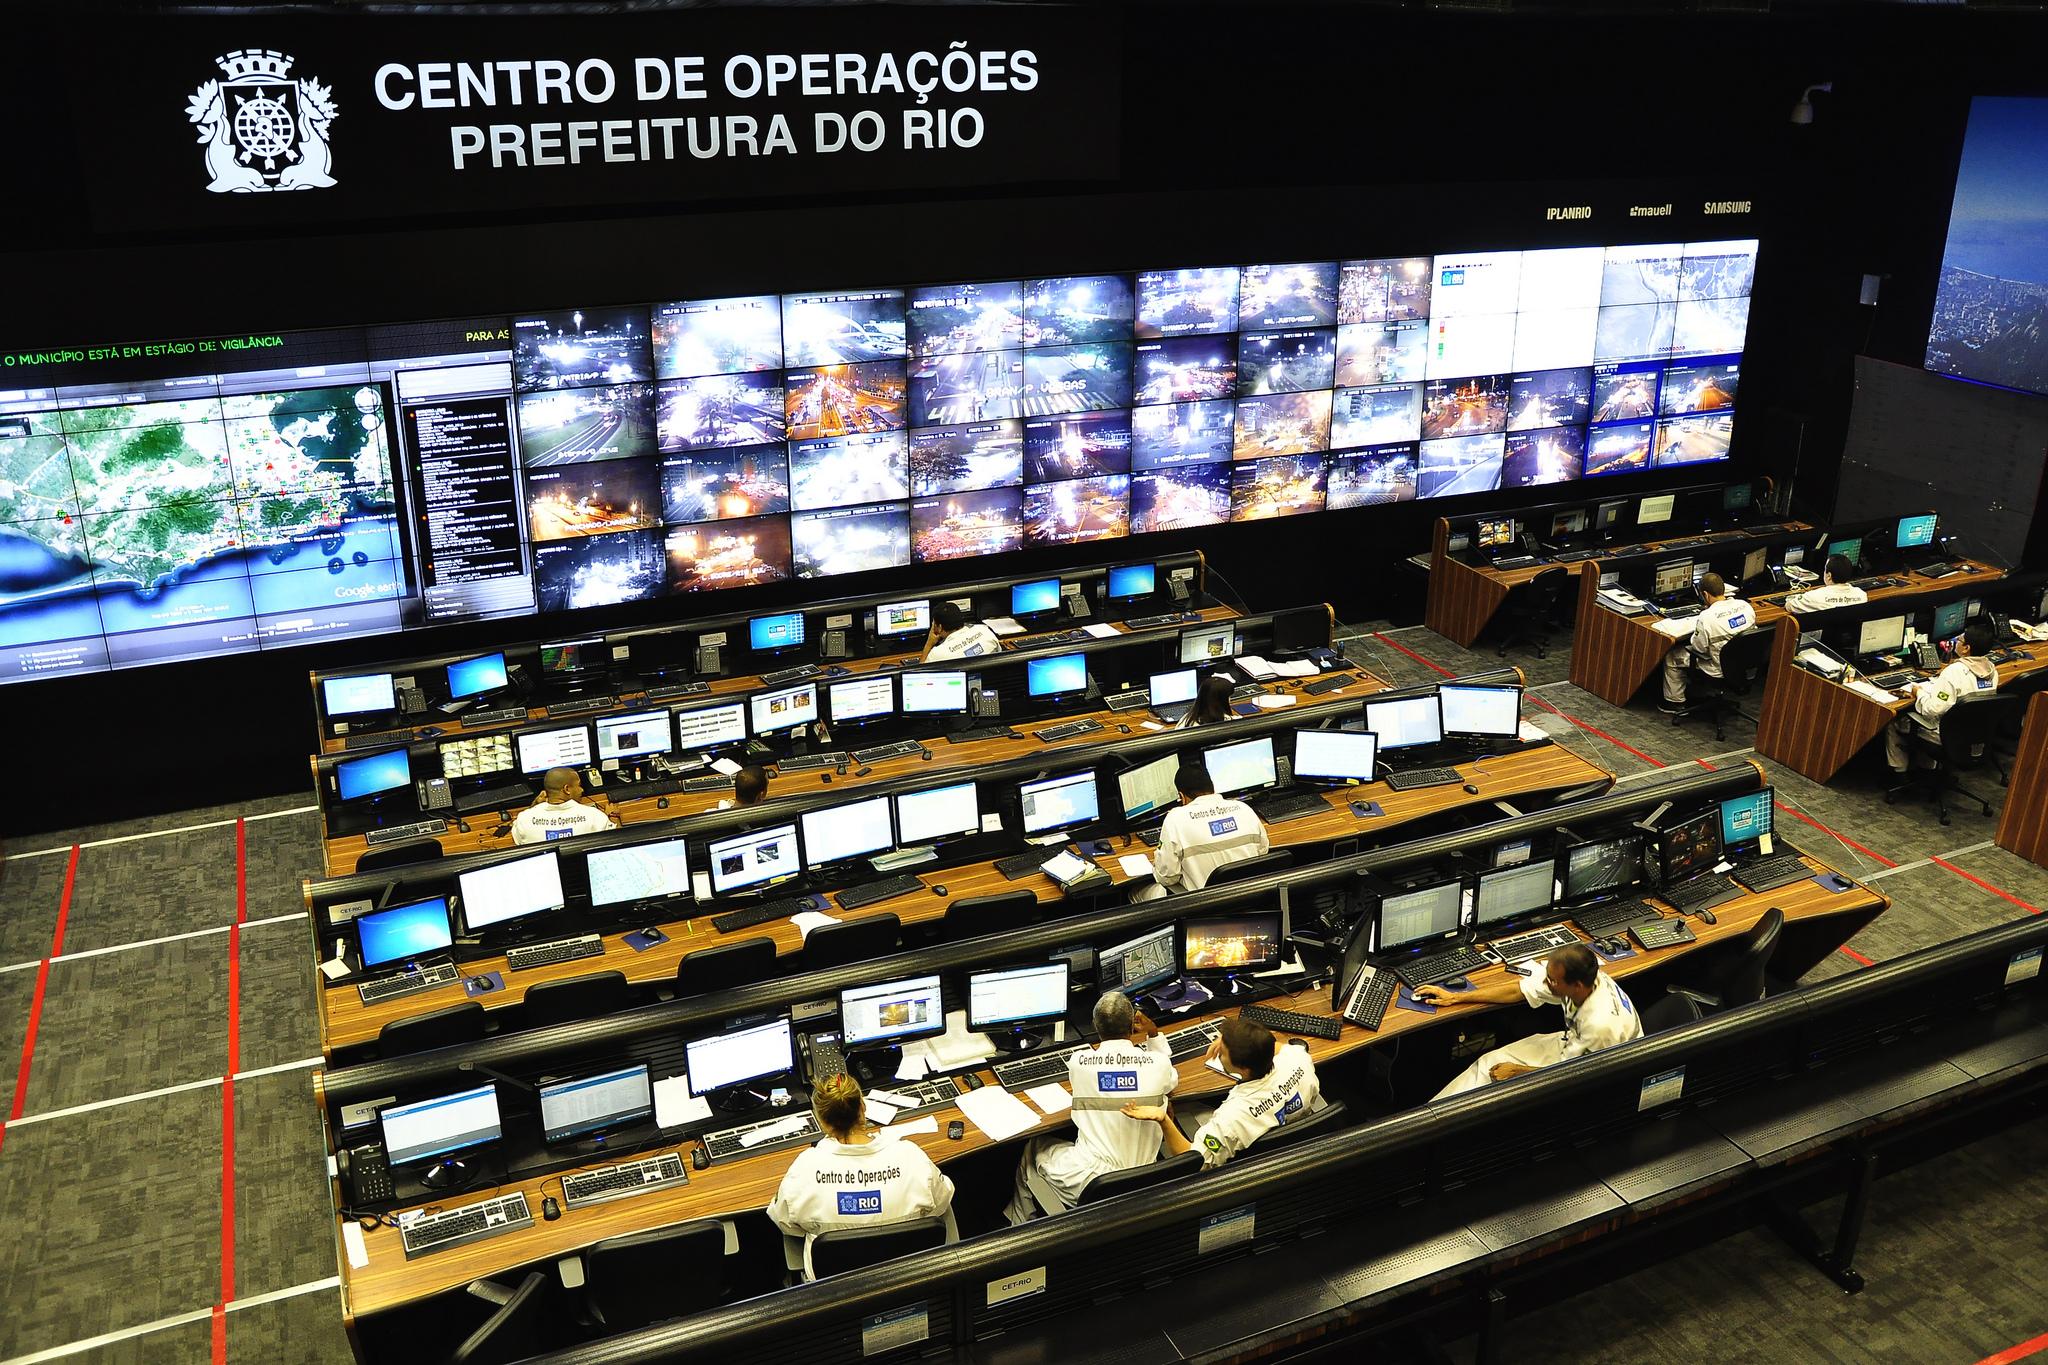 Centro de Operações da Prefeitura do Rio. Foto: embarqbrasil @ Flickr.